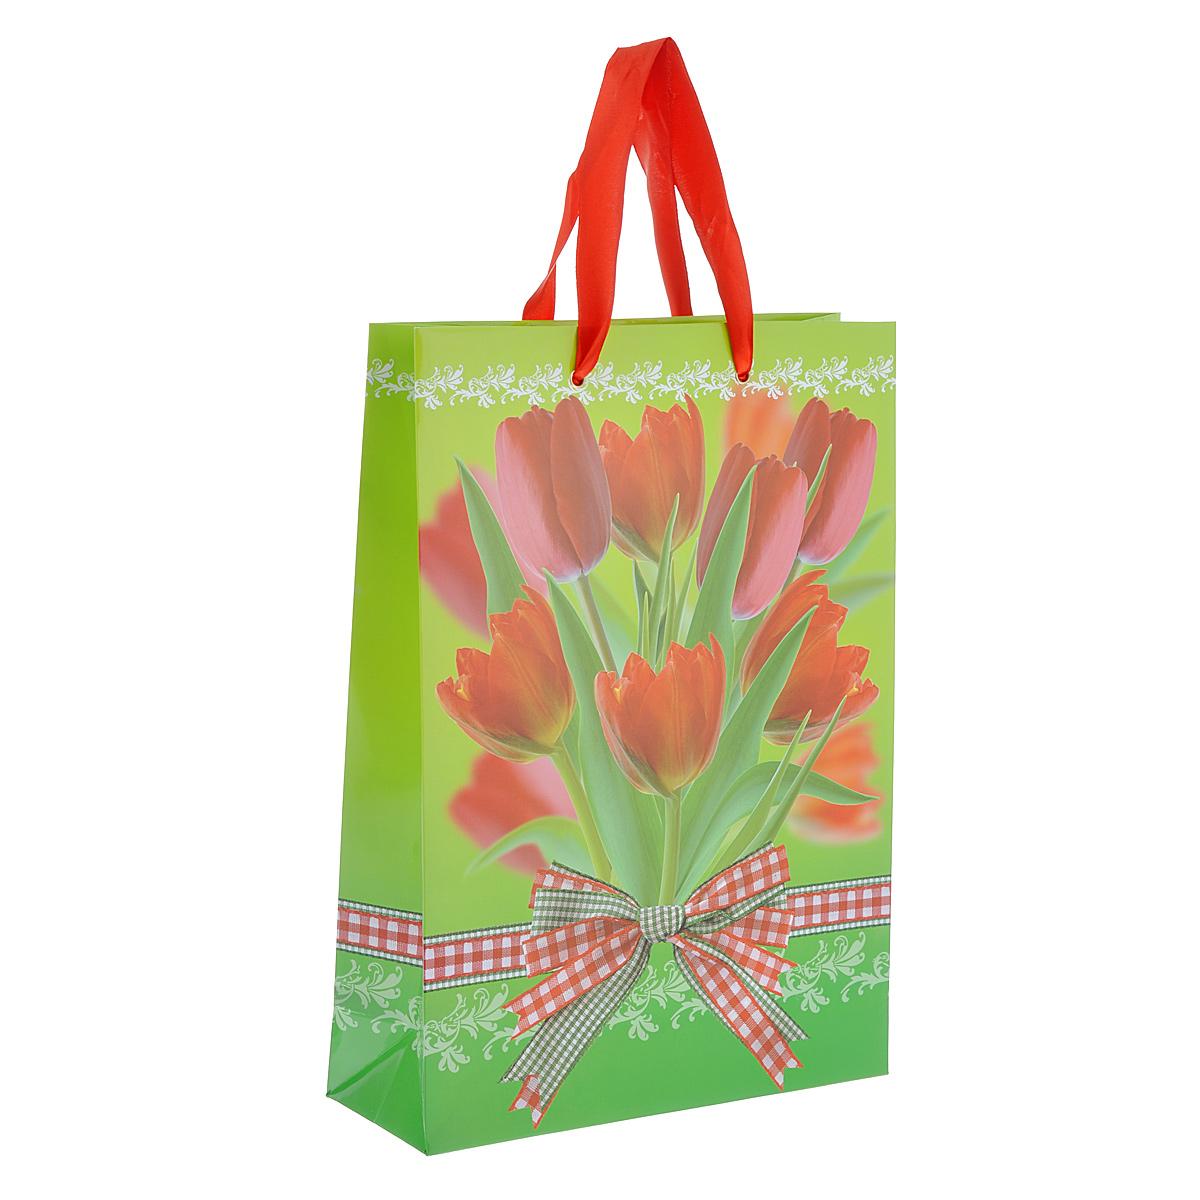 Пакет подарочный Тюльпаны, 25 см х 35 см х 9 см4610009211664Подарочный пакет Тюльпаны выполнен из плотной ламинированной бумаги с красочным цветочным рисунком. Дизайн очень яркий и заряжает весенним настроением. Дно изделия укреплено плотным картоном, который позволяет сохранить форму пакета и исключает возможность деформации под тяжестью подарка. Для удобной переноски на пакете имеются две атласные ручки. Подарок, преподнесенный в оригинальной упаковке, всегда будет самым эффектным и запоминающимся. Окружите близких людей вниманием и заботой, вручив презент в нарядном, праздничном оформлении.